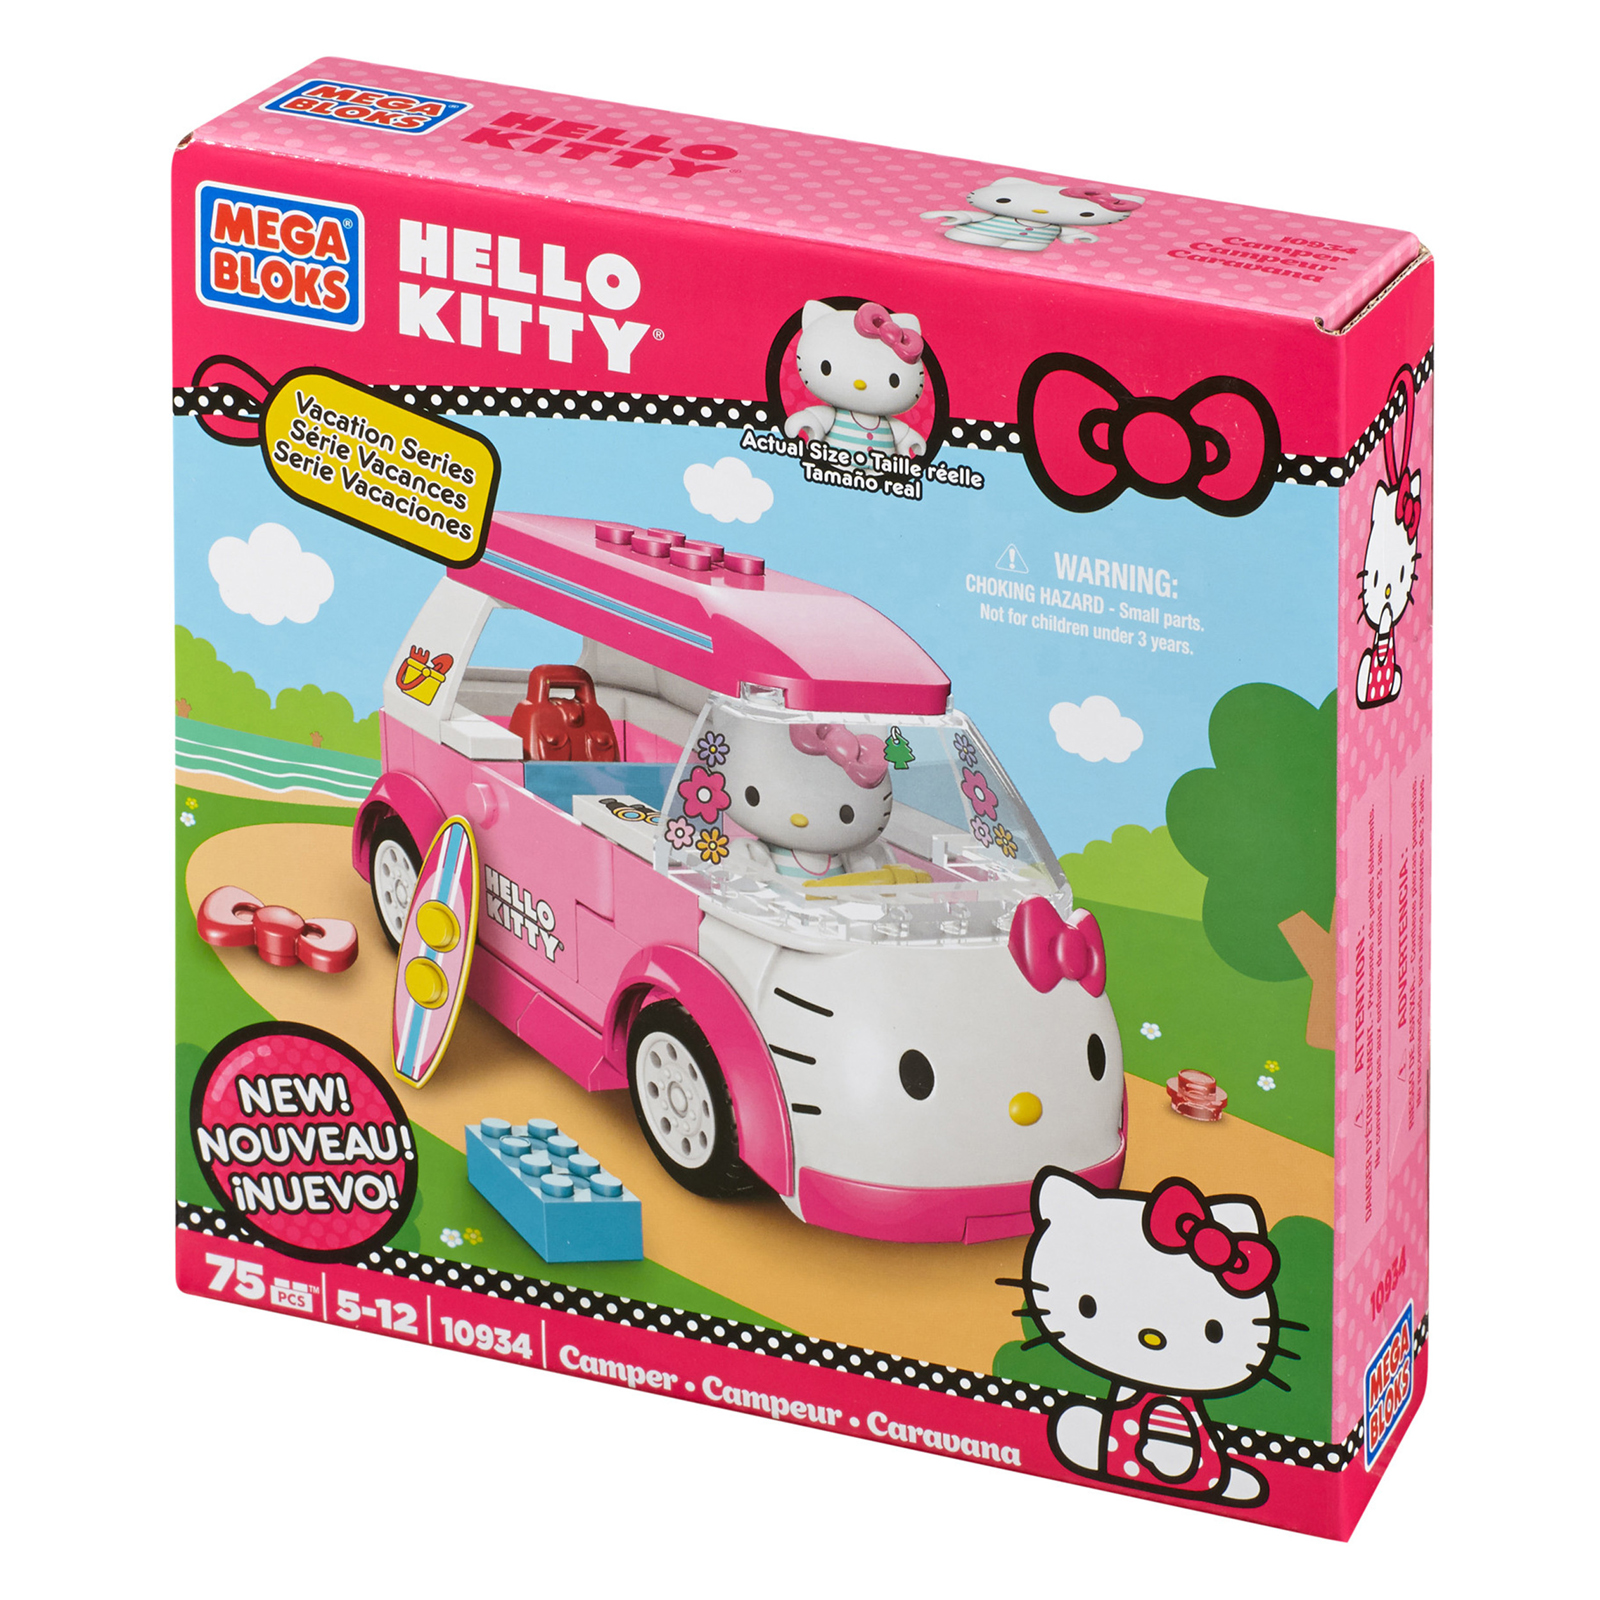 Toys For Hello Kitty : Mega bloks hello kitty camper play set toys